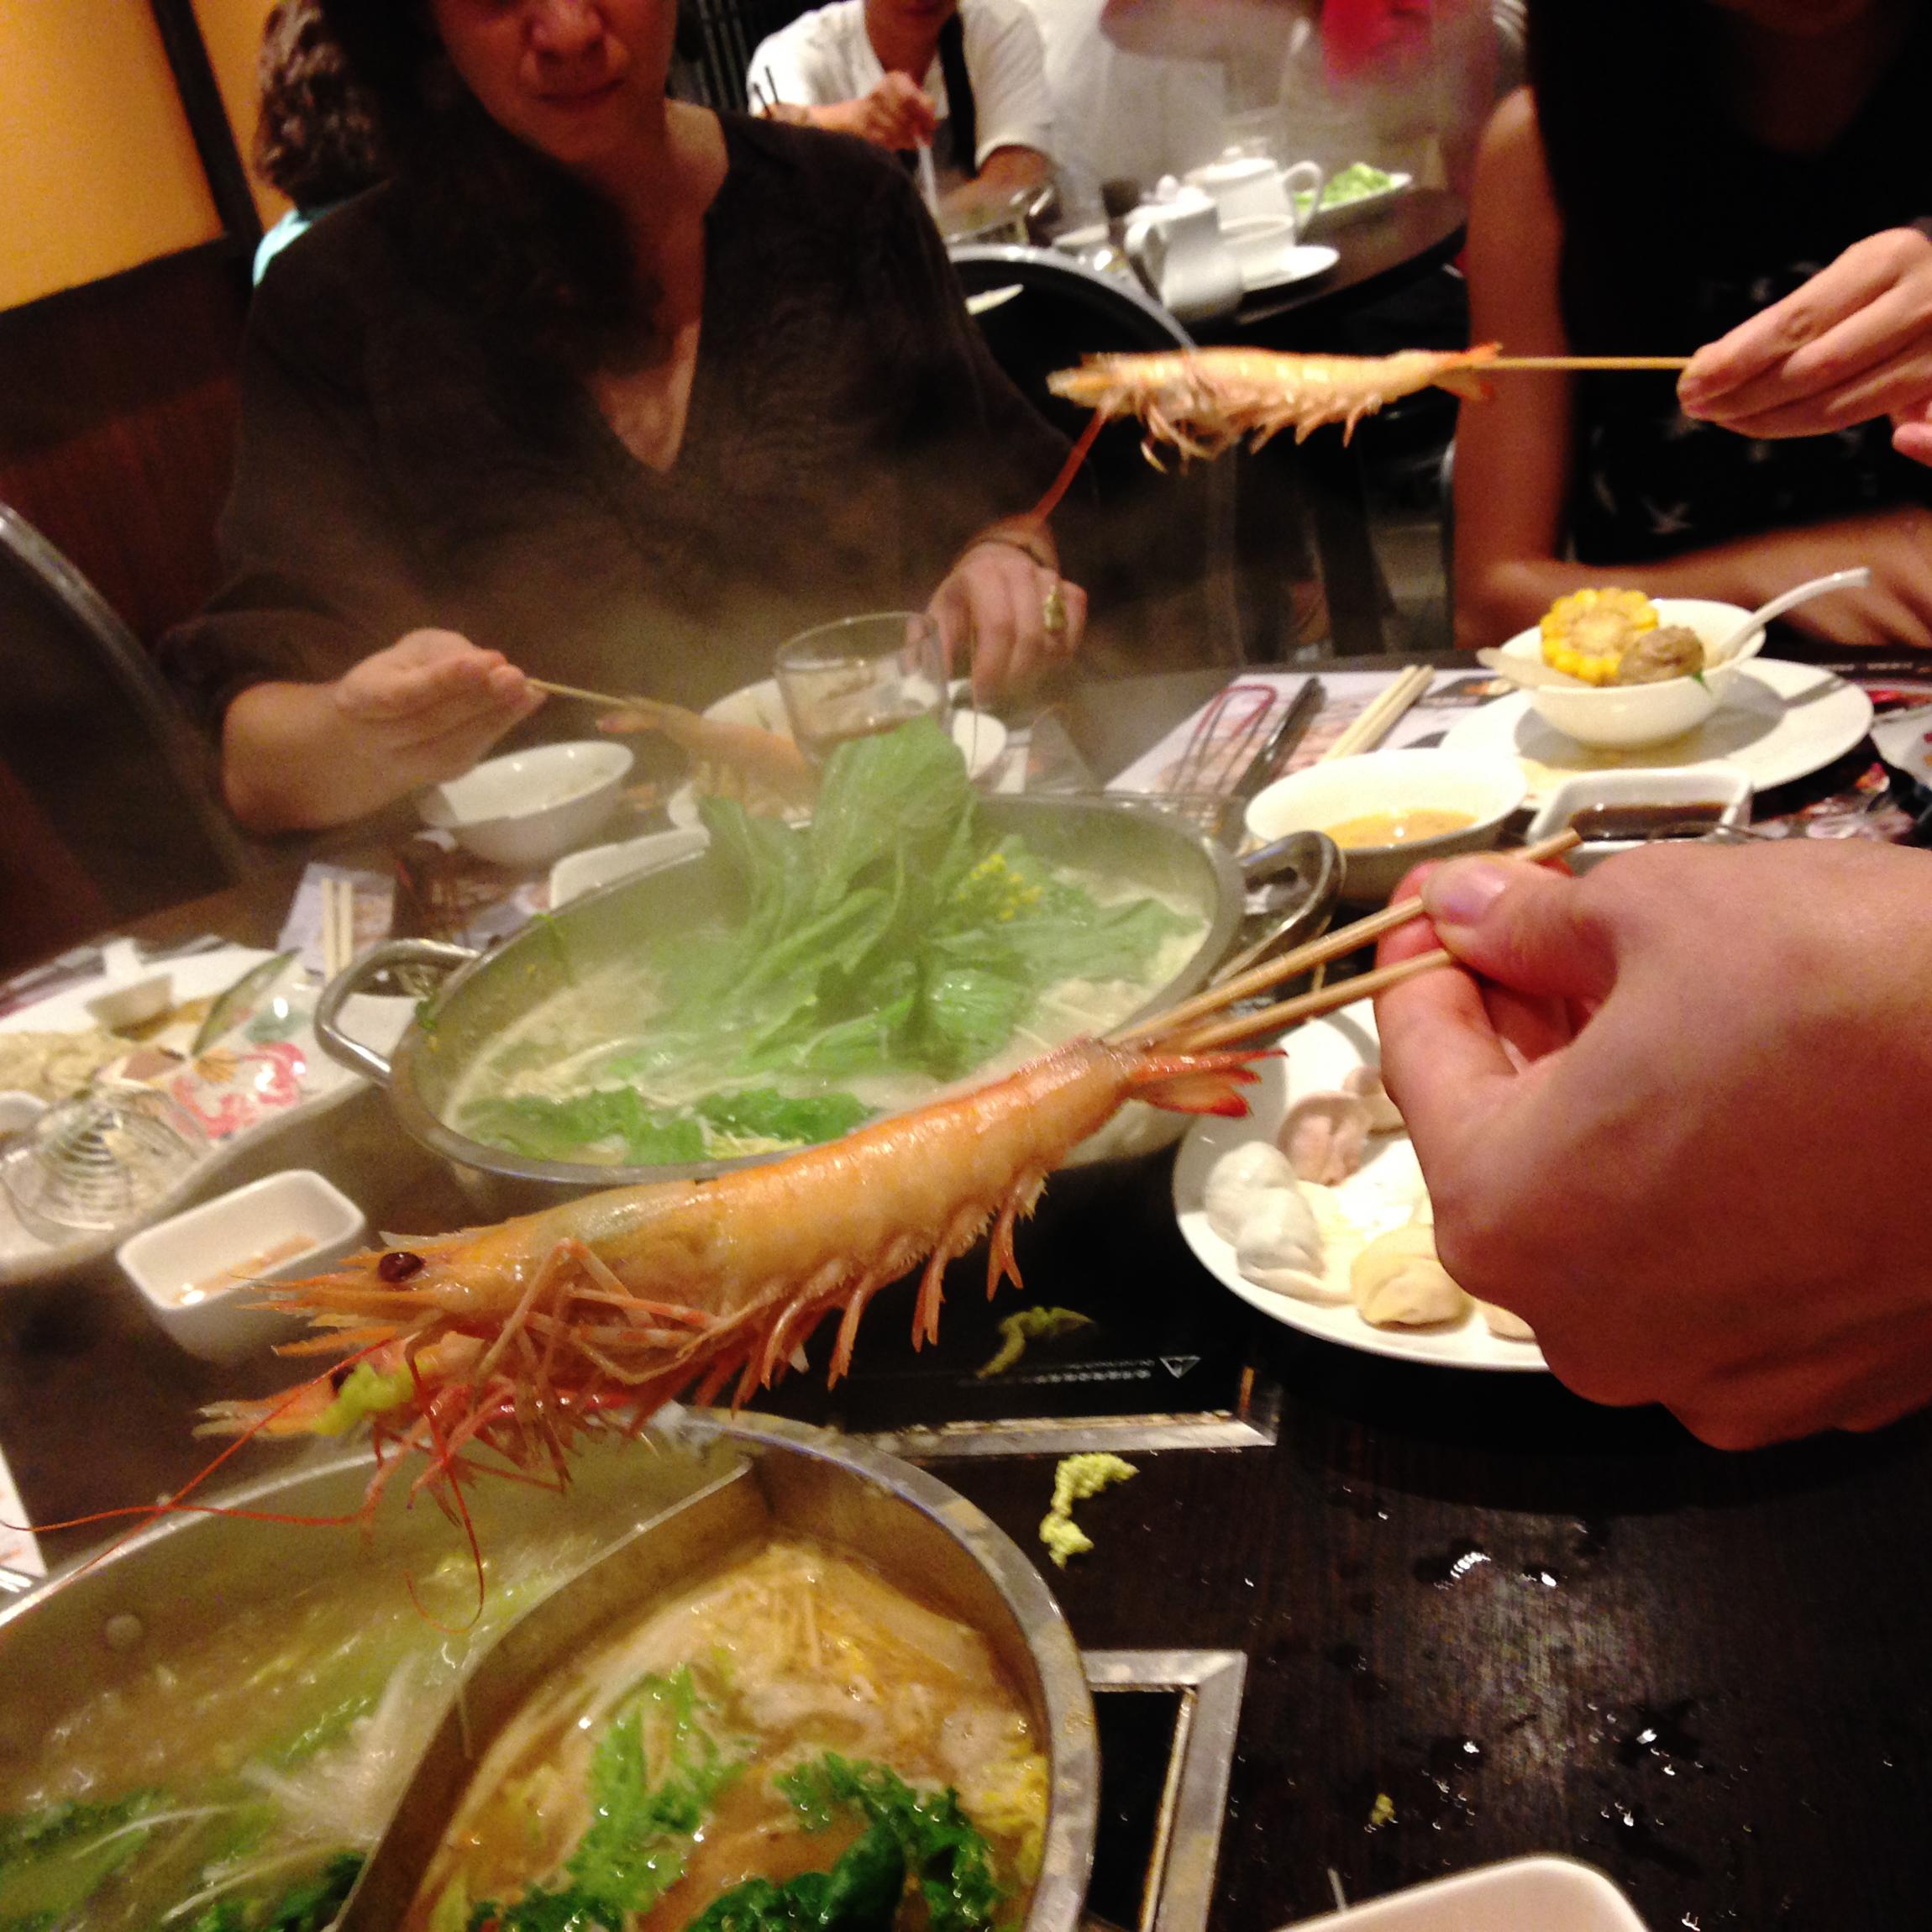 HK HOT POT DINNER